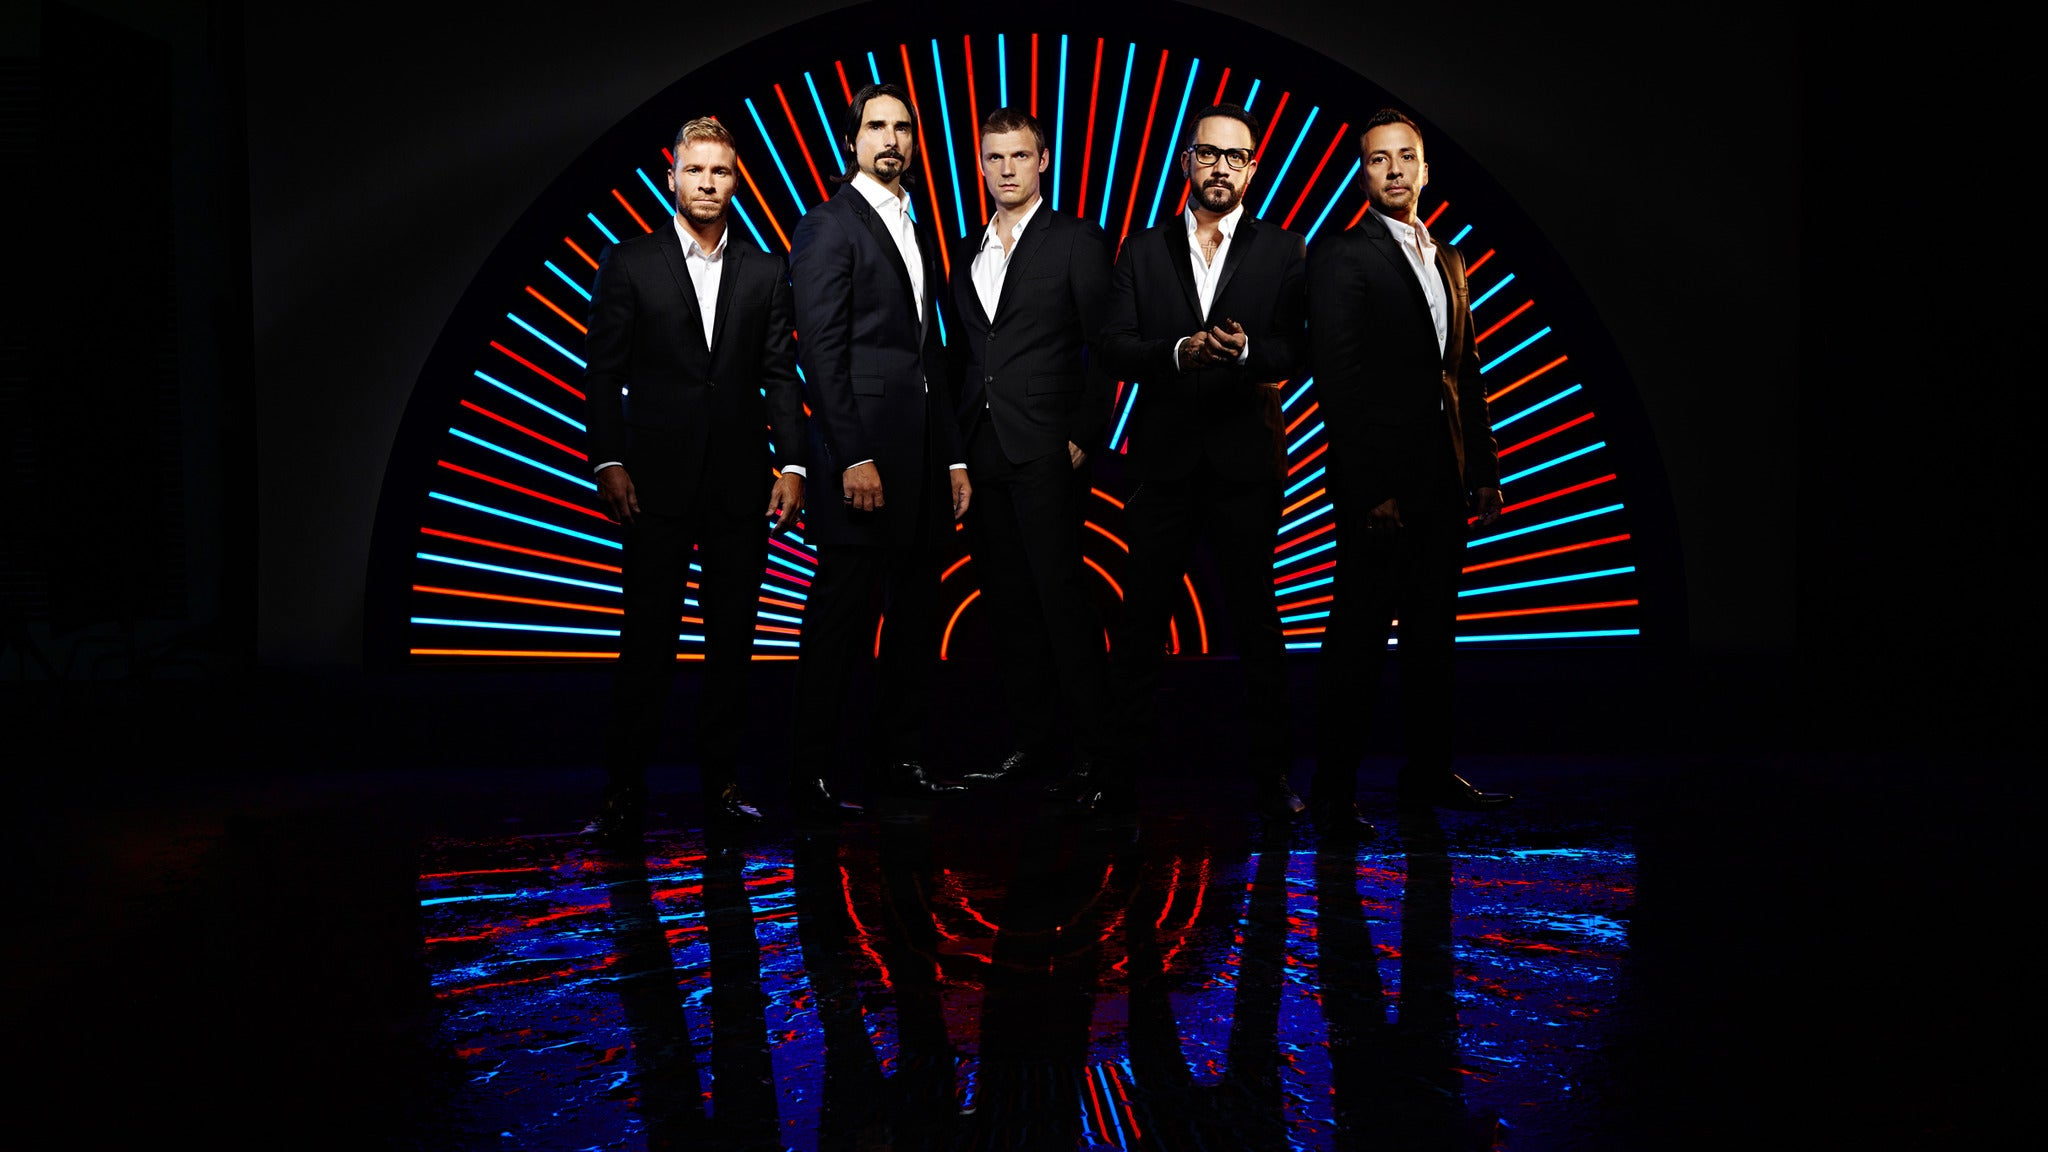 Backstreet Boys All Star Christmas at Mohegan Sun Arena